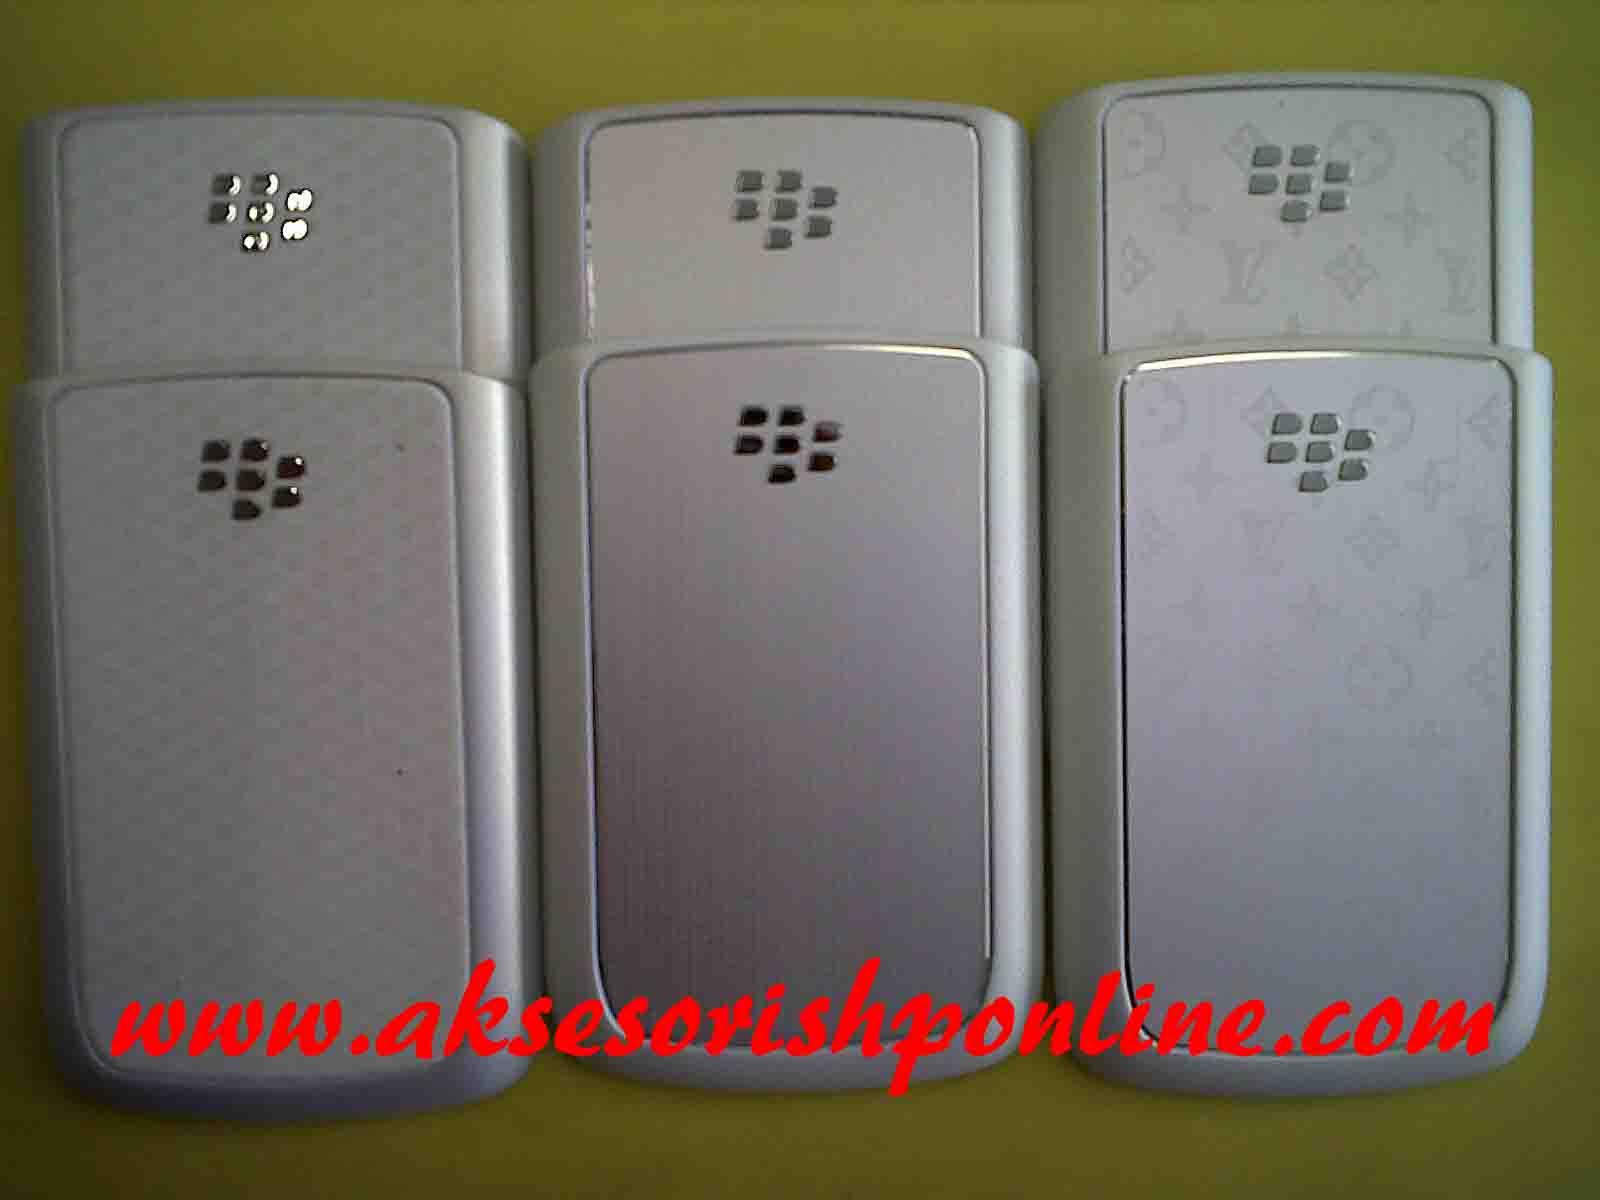 BACKDOOR ORIGINAL BLACKBERRY ONYX 9700 - BLACK & WHITE